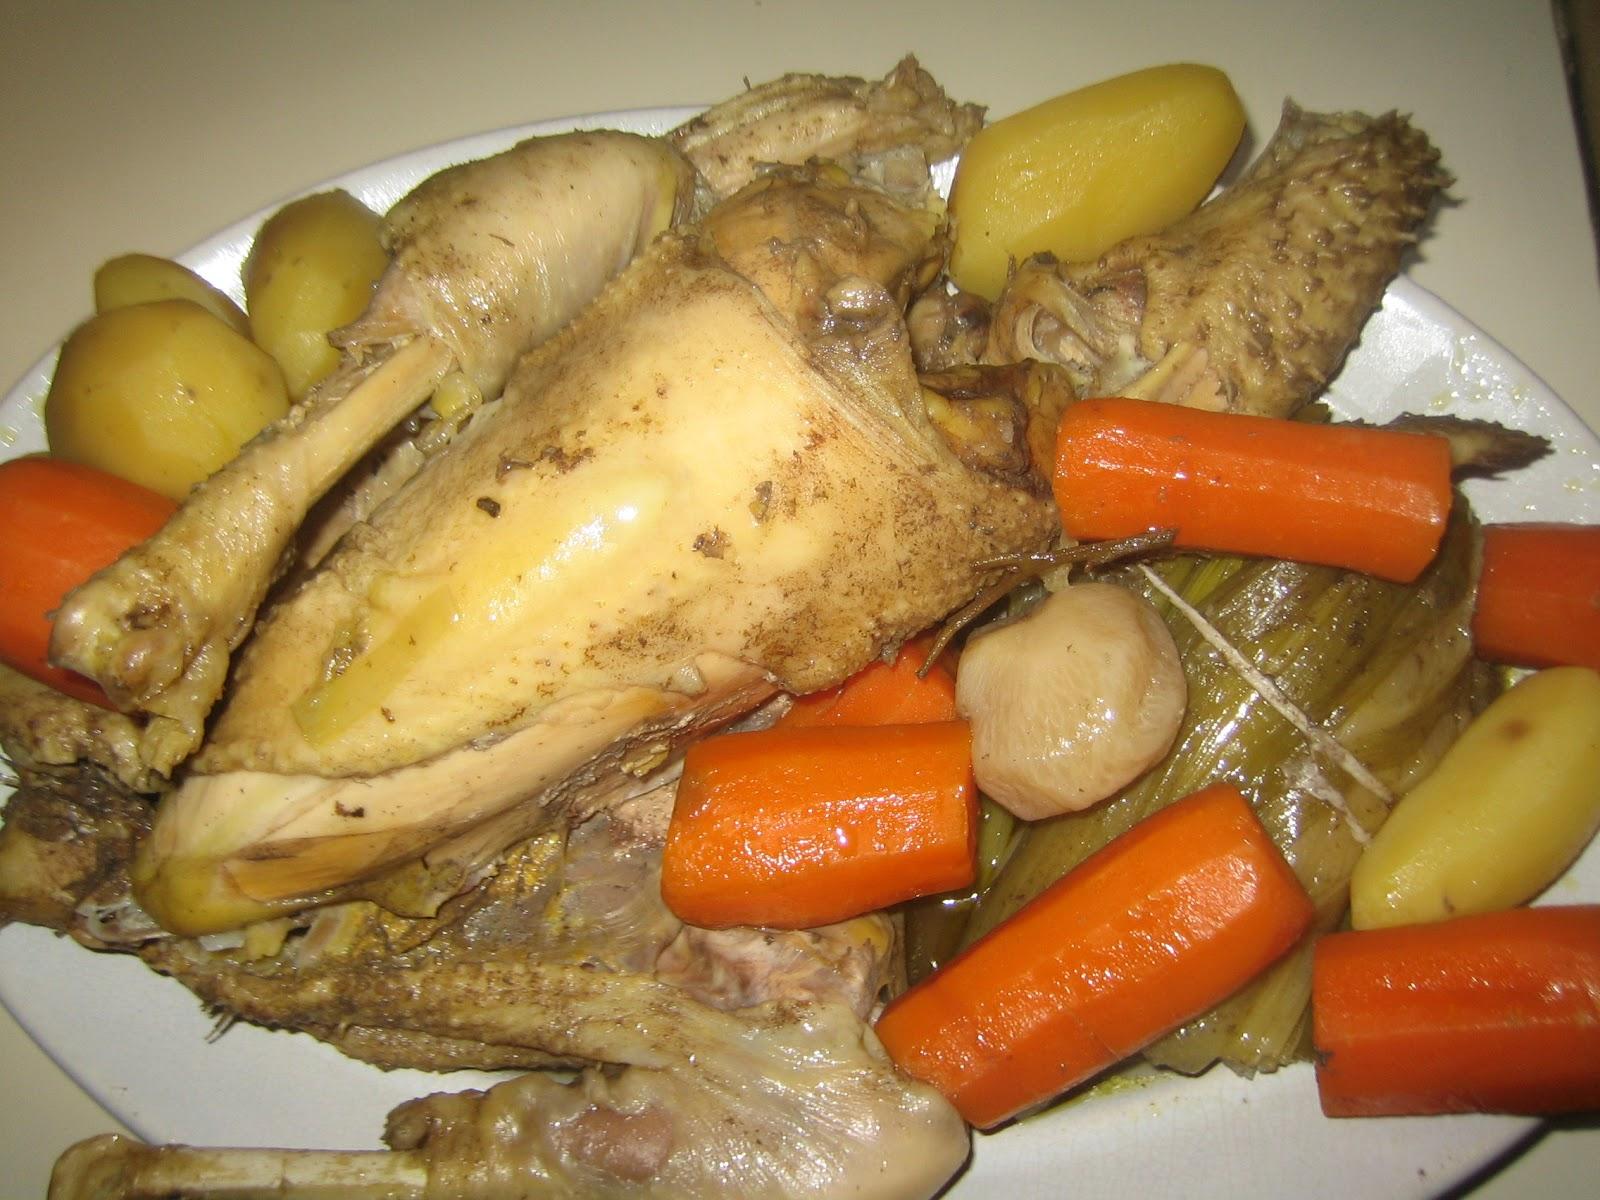 antifraise antifraise et la poule au pot